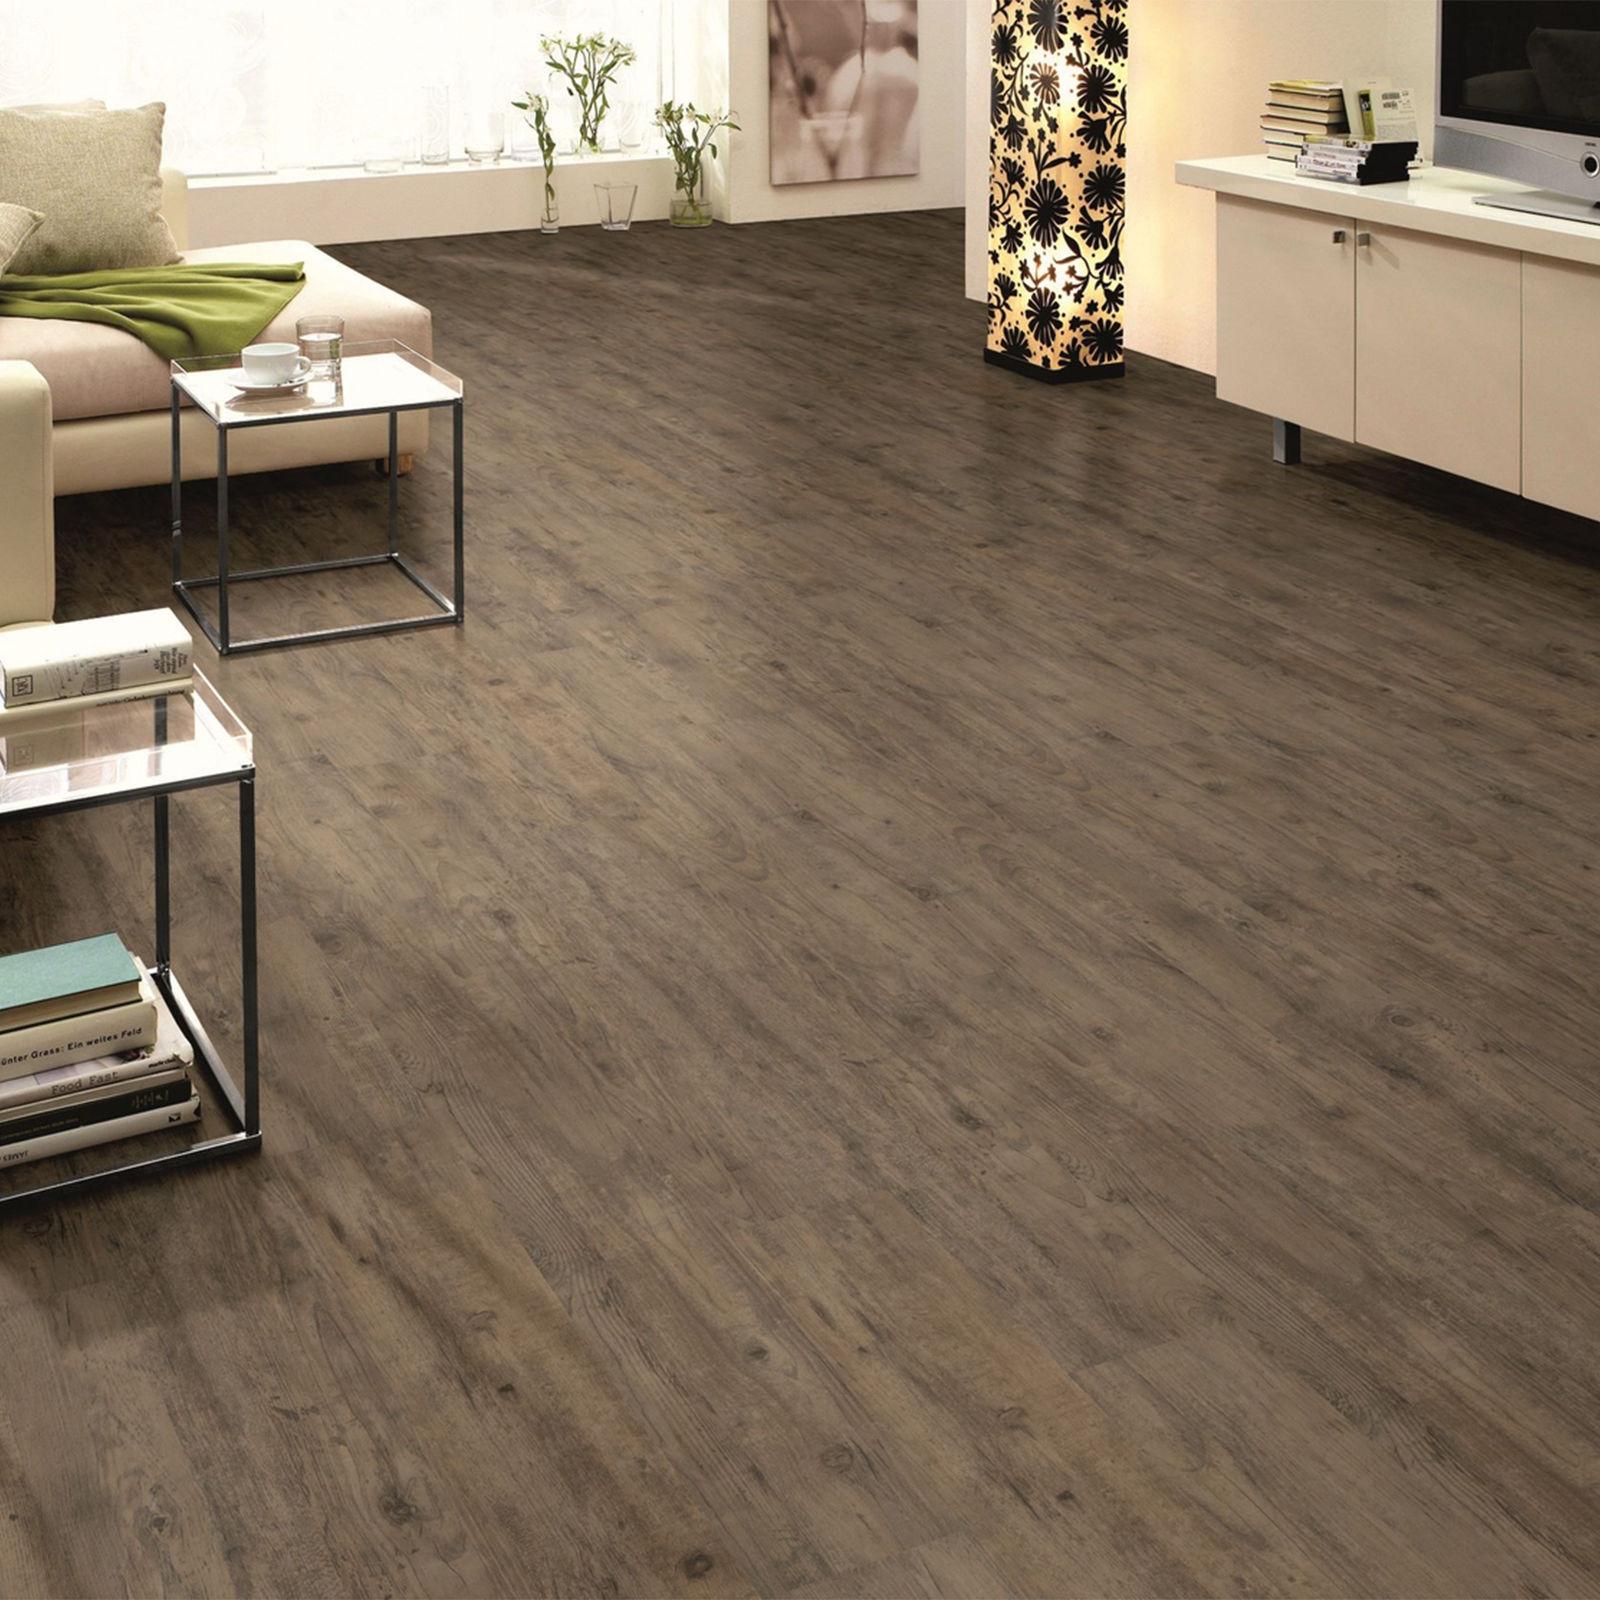 hori vinylboden pvc klick boden eiche ambiente sydney d mmung leisten ebay. Black Bedroom Furniture Sets. Home Design Ideas